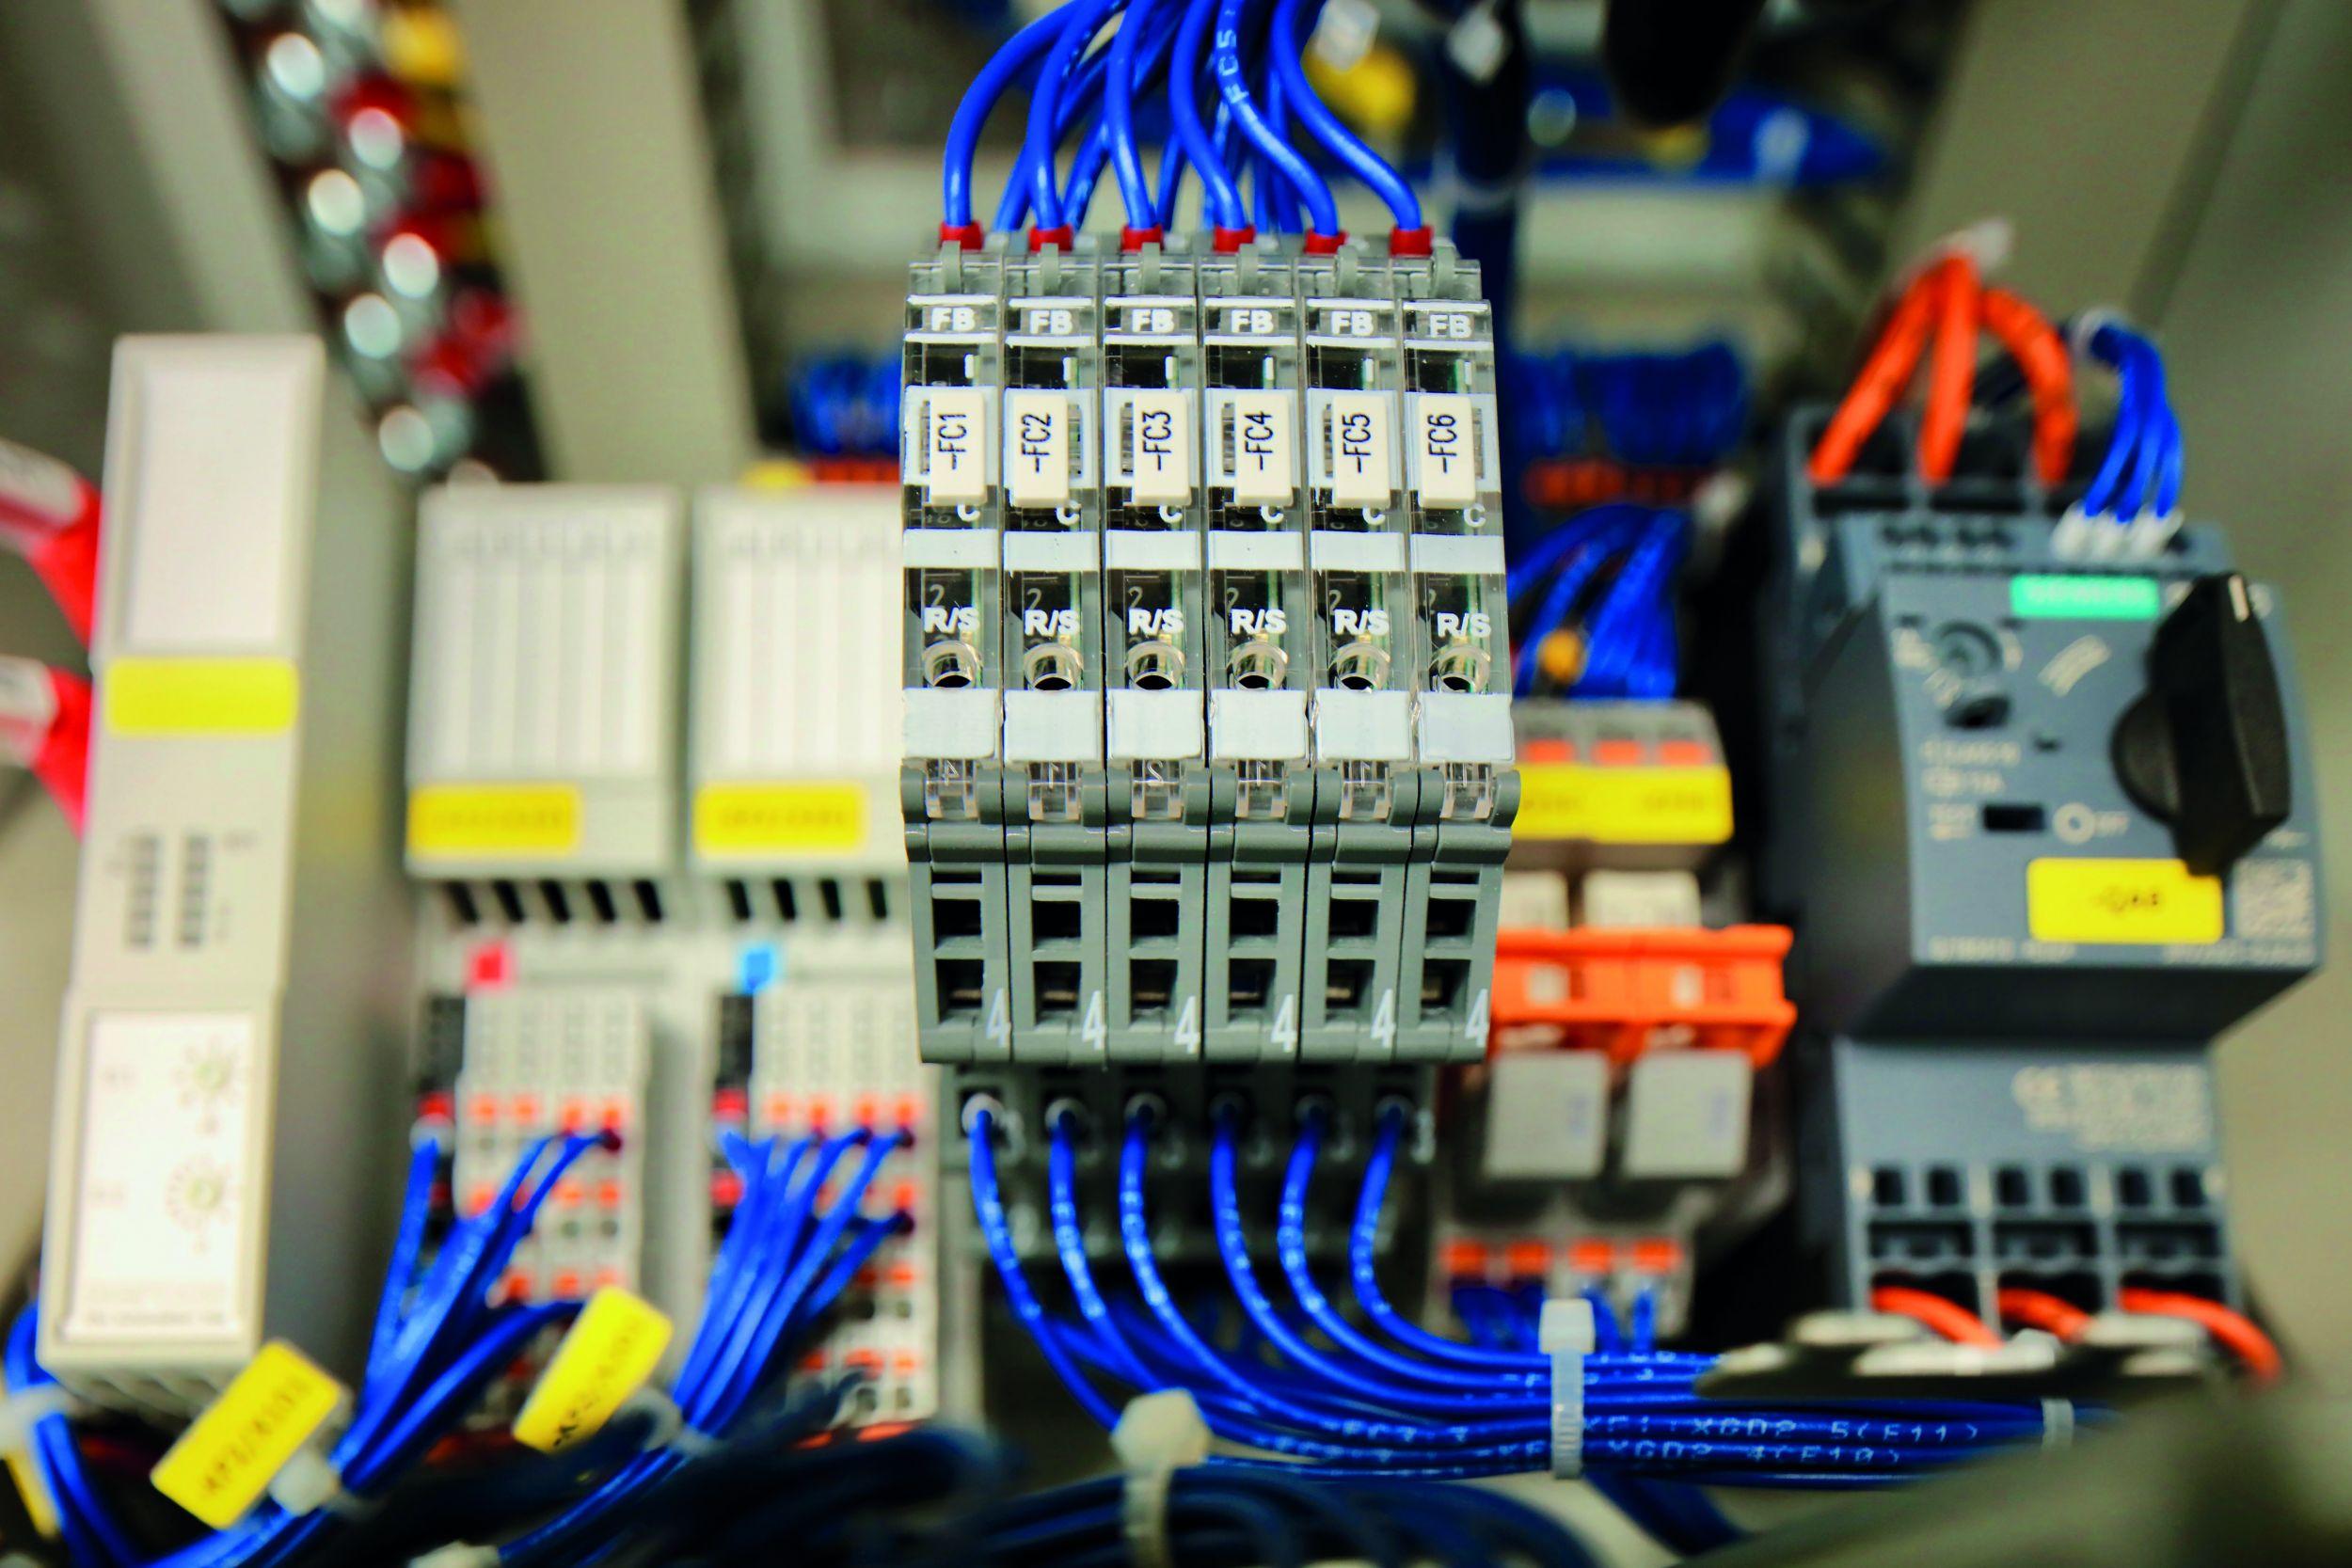 Intelligente Stromüberwachung LOCC-Box im Karosseriebau (Bild: Friedrich Lütze GmbH)